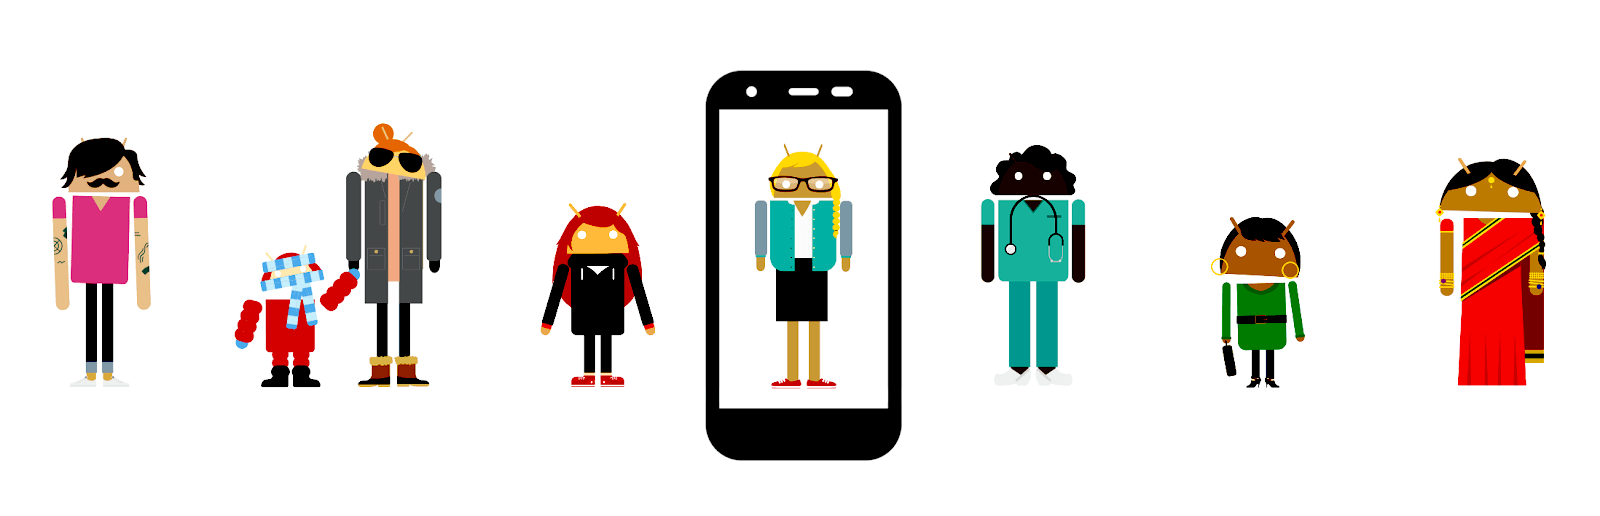 le marché androïd pour les podcasts